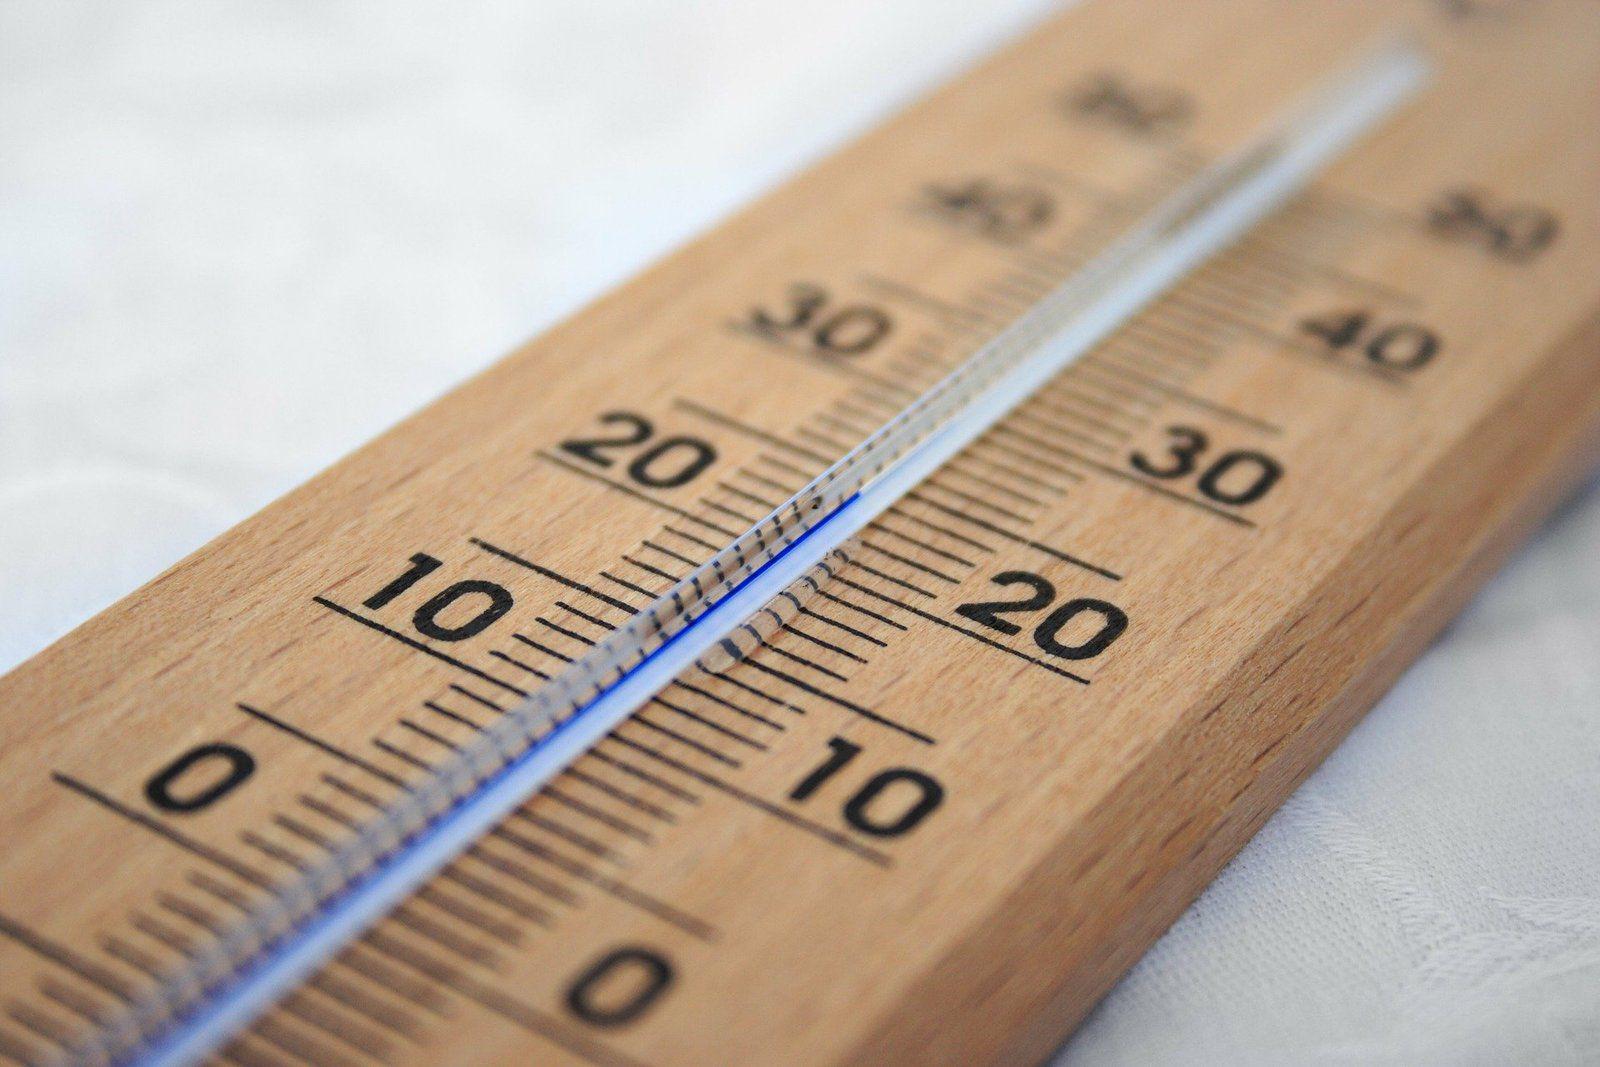 Luchon : 25.5°C dimanche, record mensuel depuis 1995